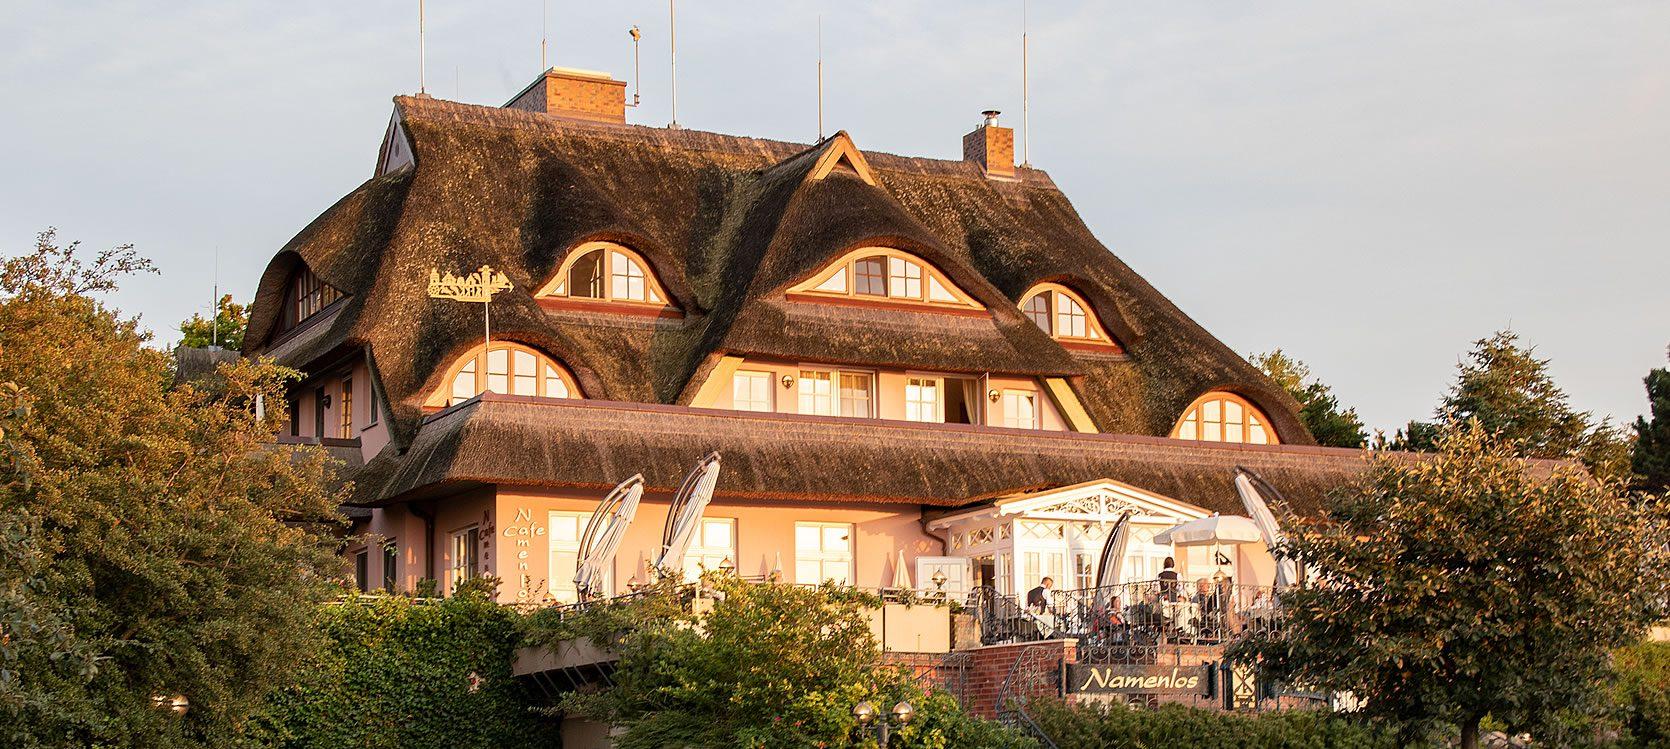 Hotel Namenlos zur Seeseite